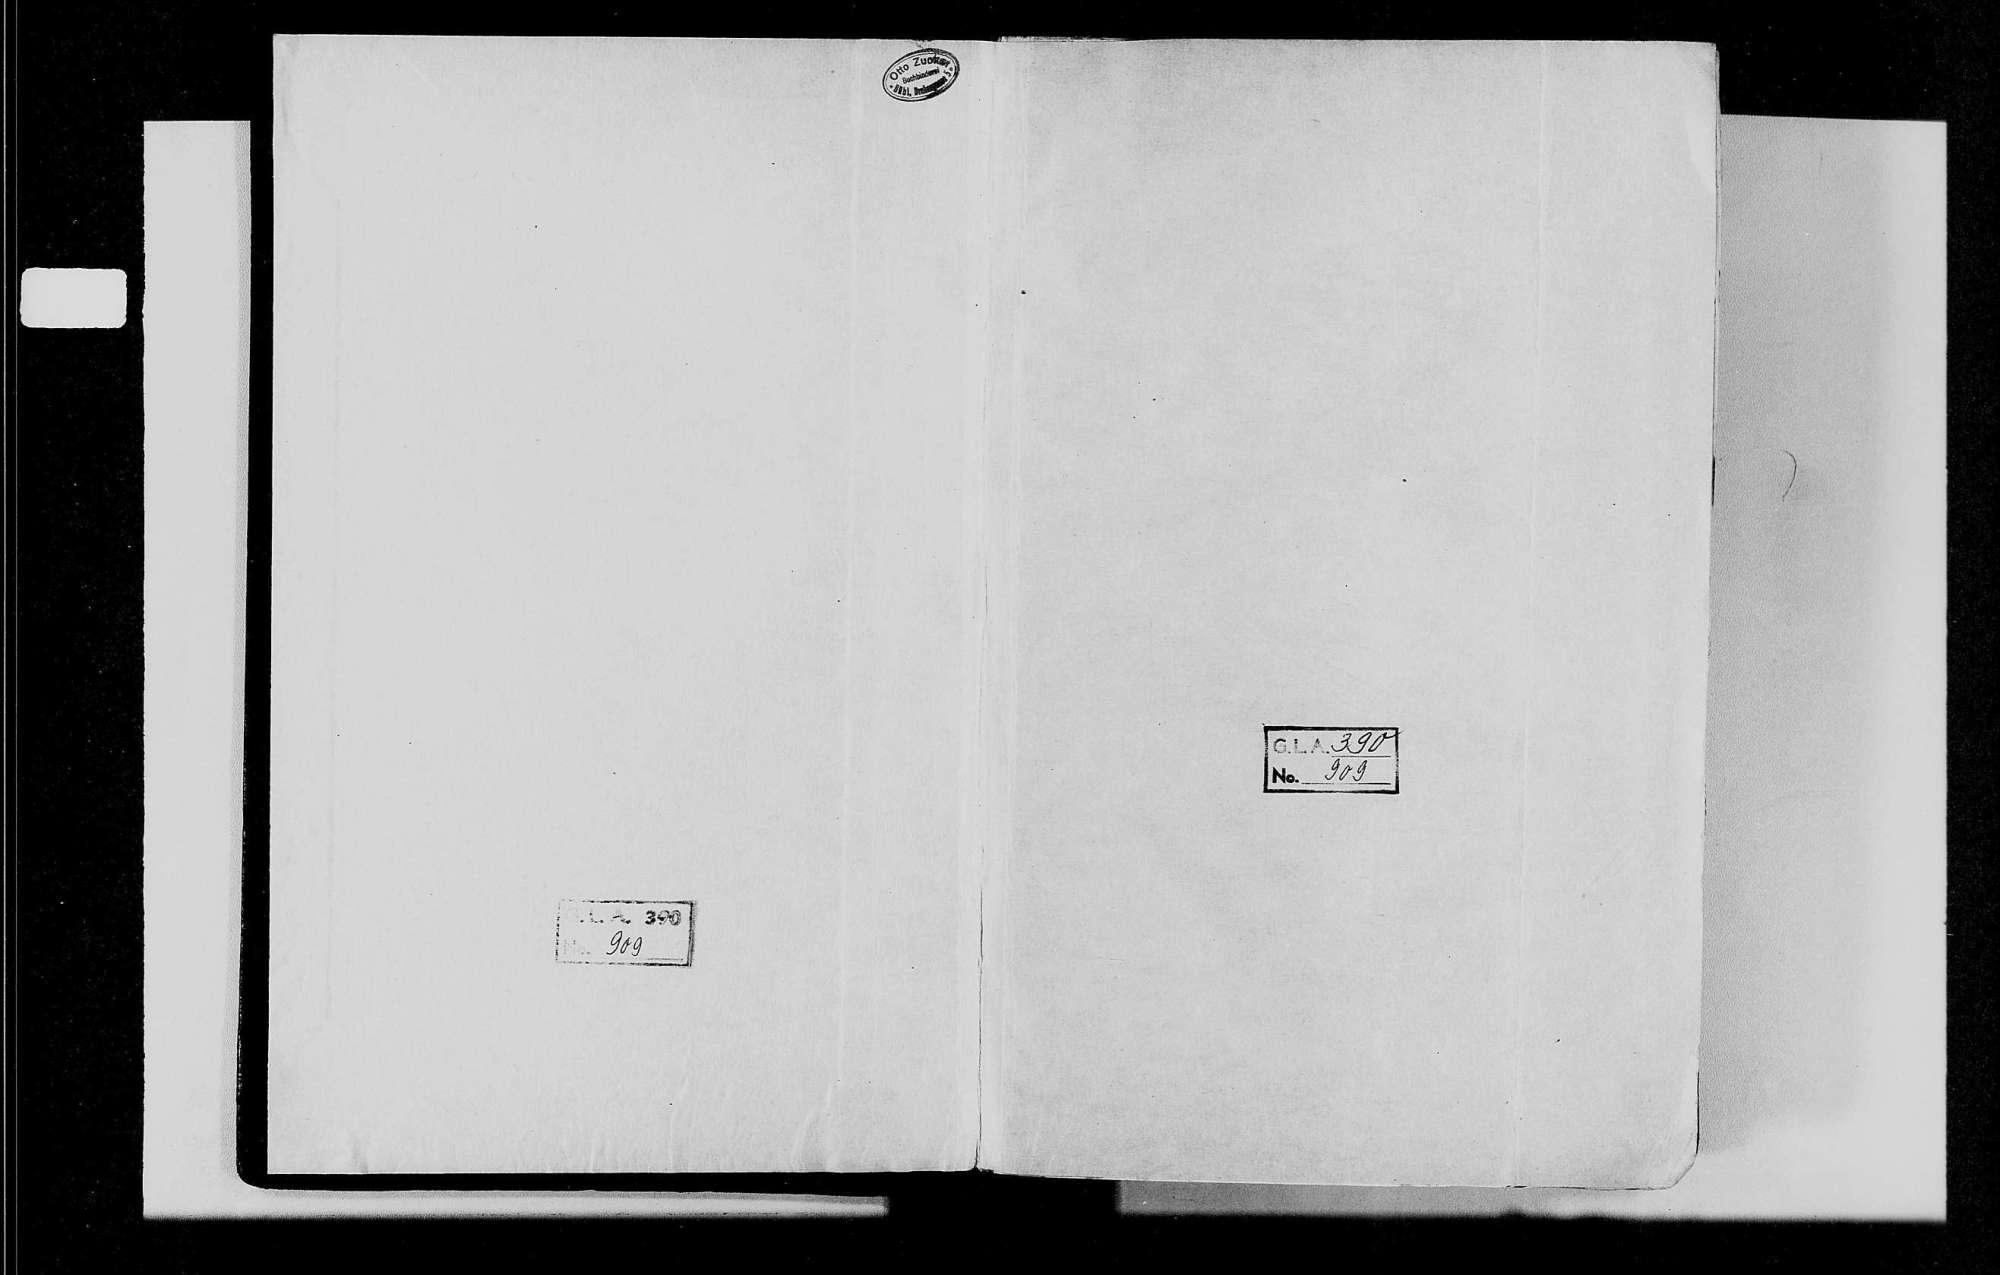 Schwarzach, evangelische, katholische und israelitische Gemeinde: Geburtenbuch 1842-1870, Bild 2